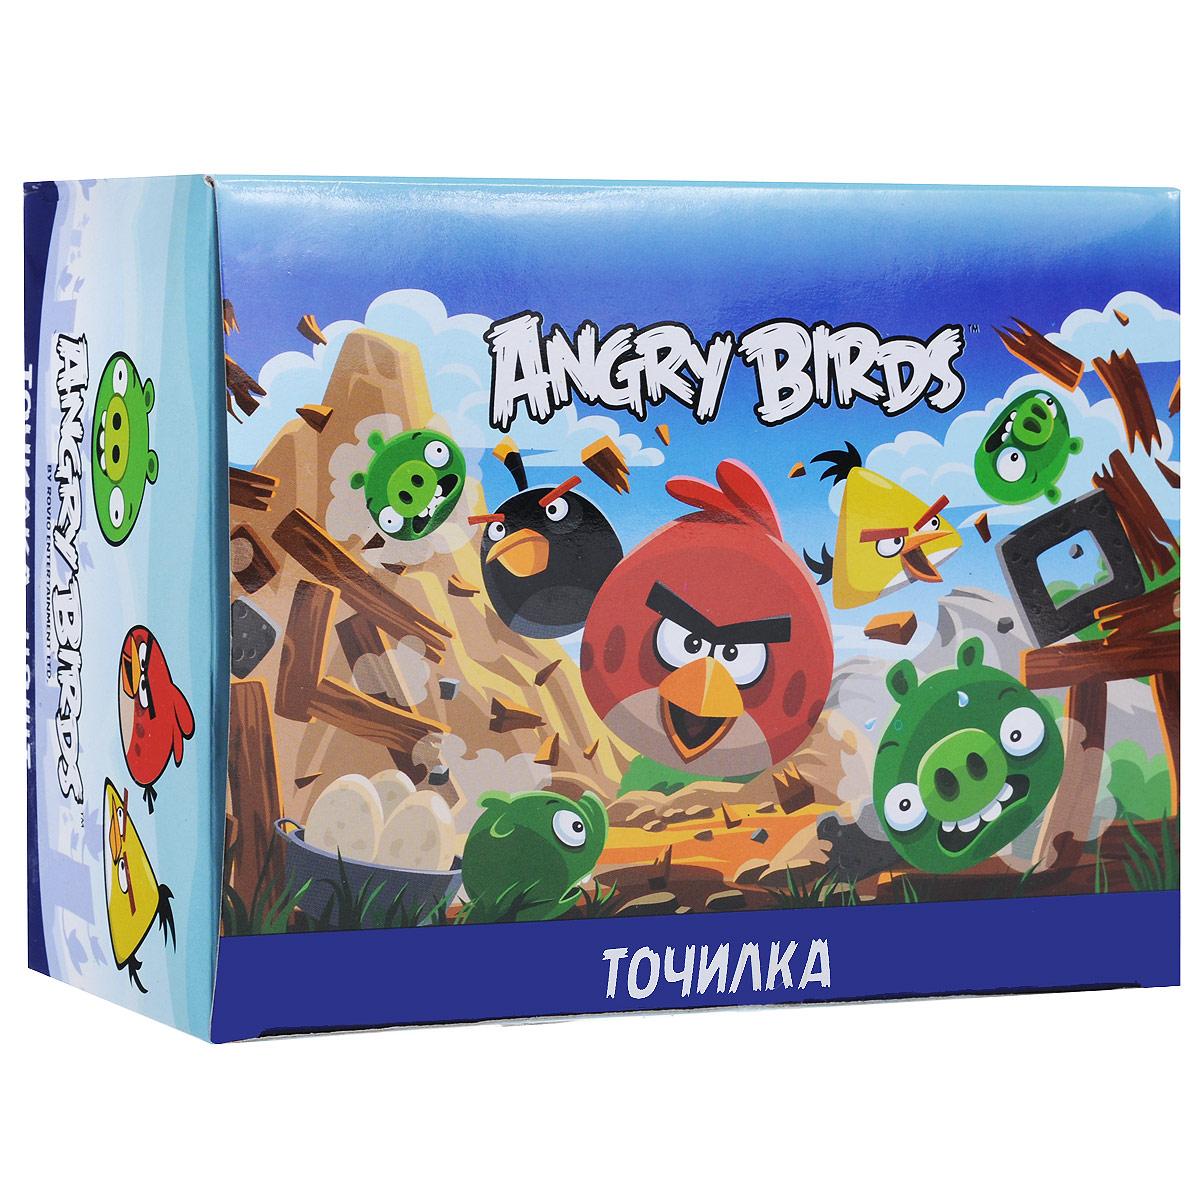 Точилки из набора Angry Birds предназначены для затачивания карандашей.  Круглые точилки выполнены из яркого пластика. Каждая точилка оформлена изображением одного из персонажей популярной компьютерной игры Angry Birds.В наборе 48 точилок красного, прозрачного и зеленого цветов (по 16 точилок каждого цвета).